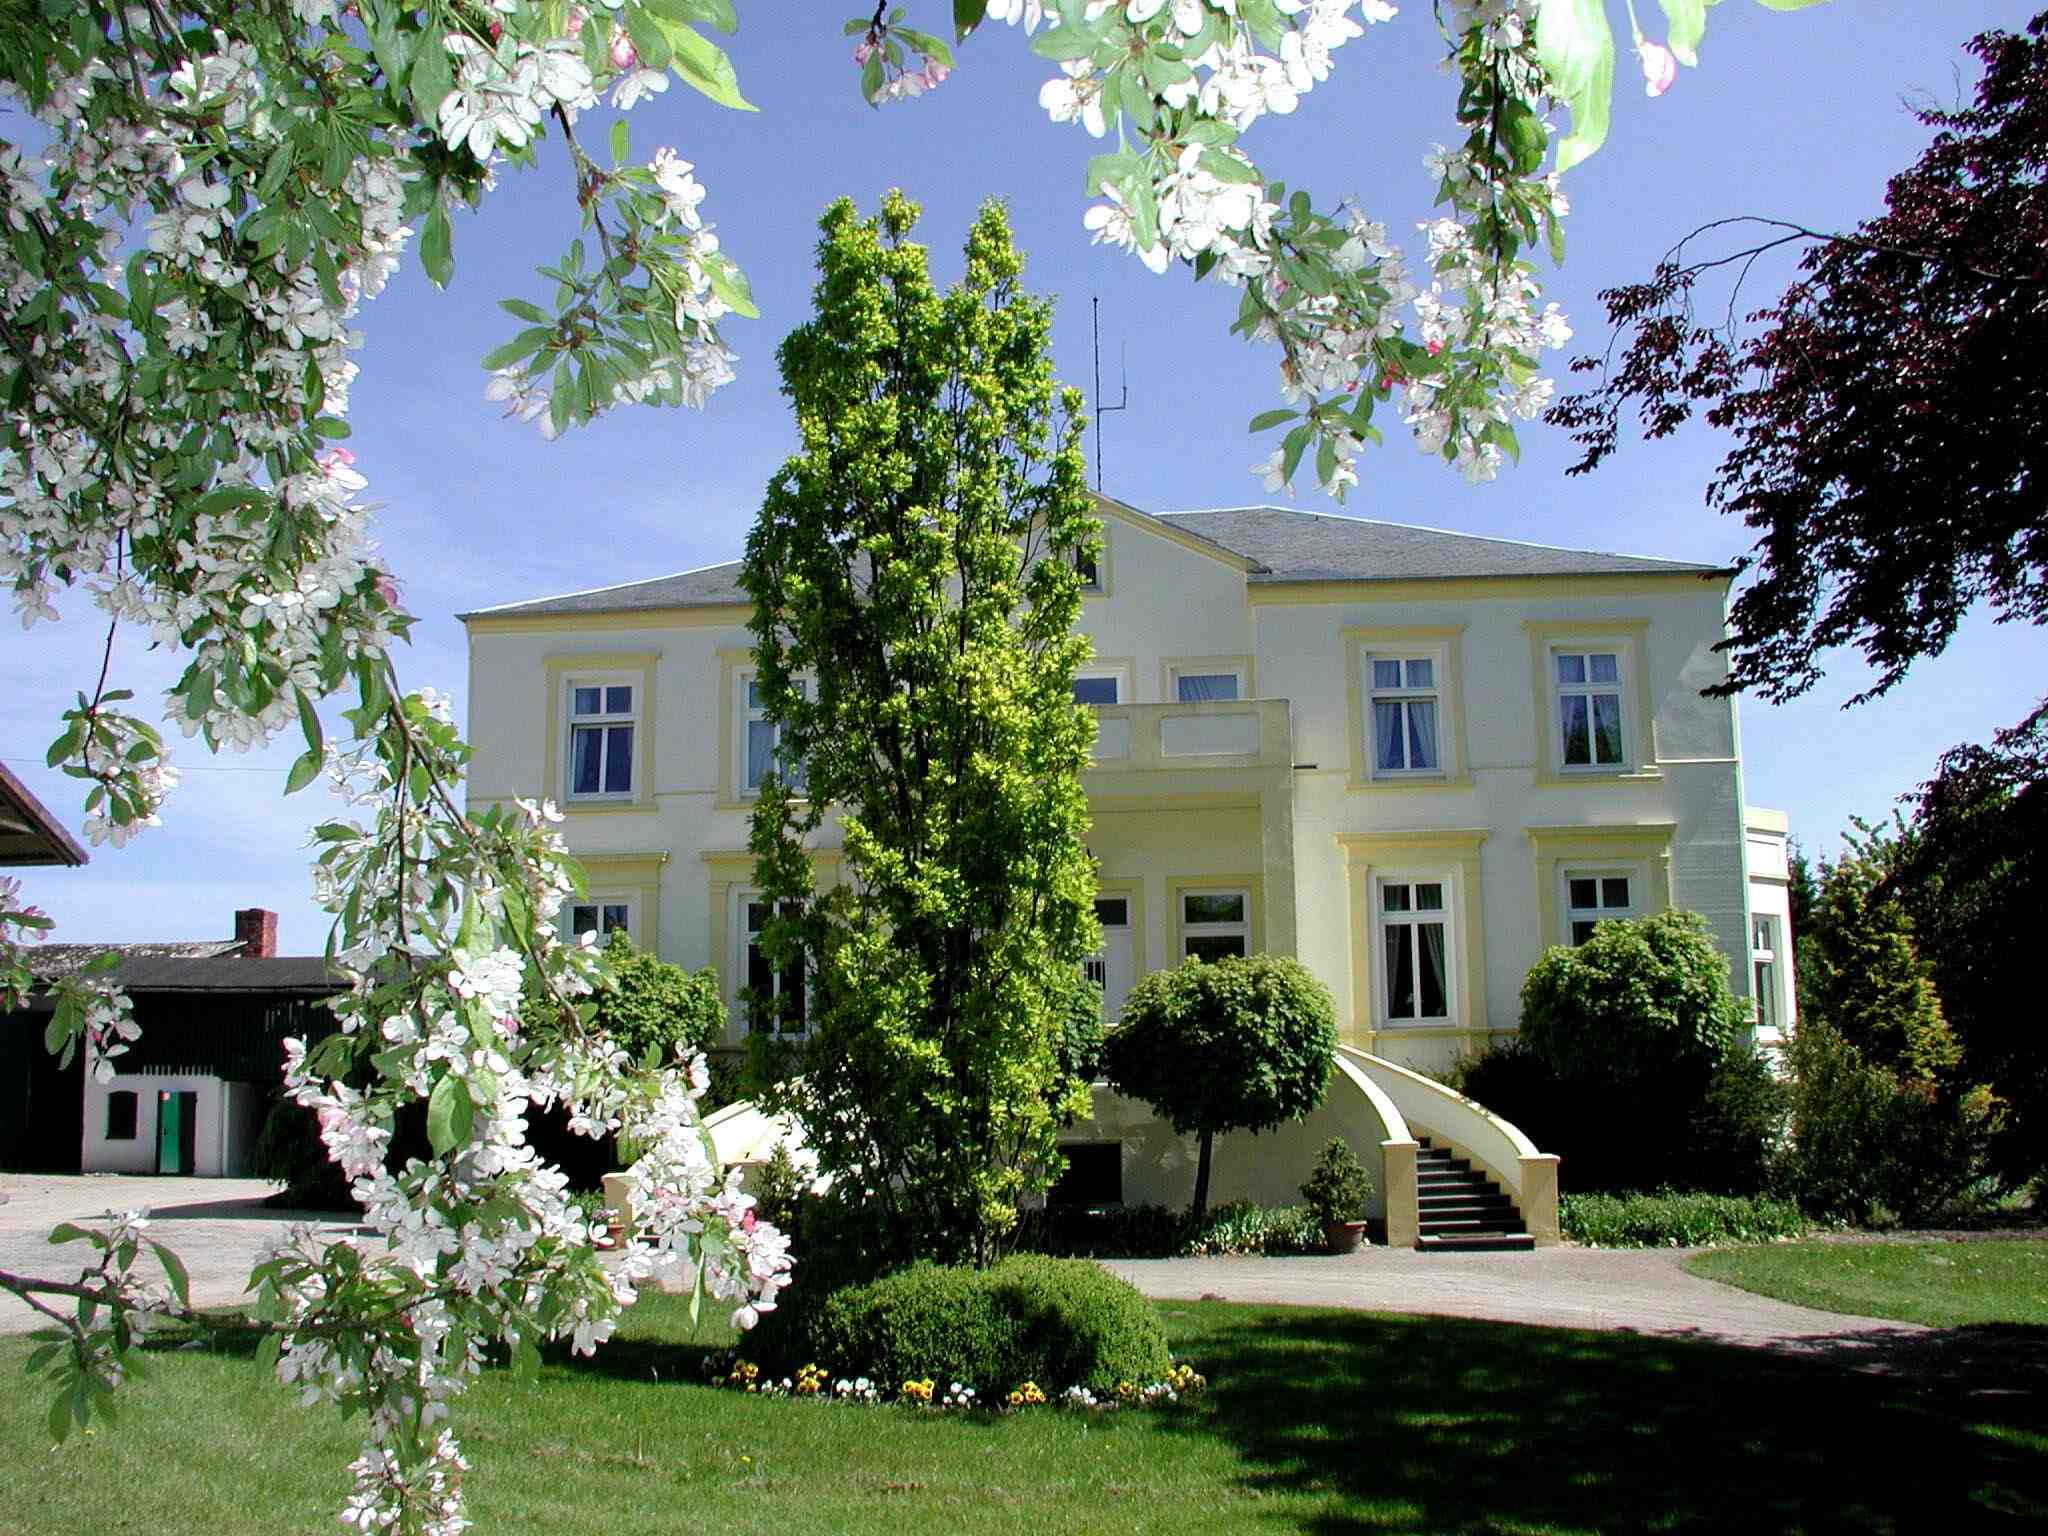 """Ein Weingut im hohen Norden: 2007 erhielt das Weingut Ingenhof in Bad Malente-Malkwitz eine Auszeichnung von der DLG. Foto: Weingut Ingenhof, Fam. Engel, Bad Malente-Malkwitz"""""""